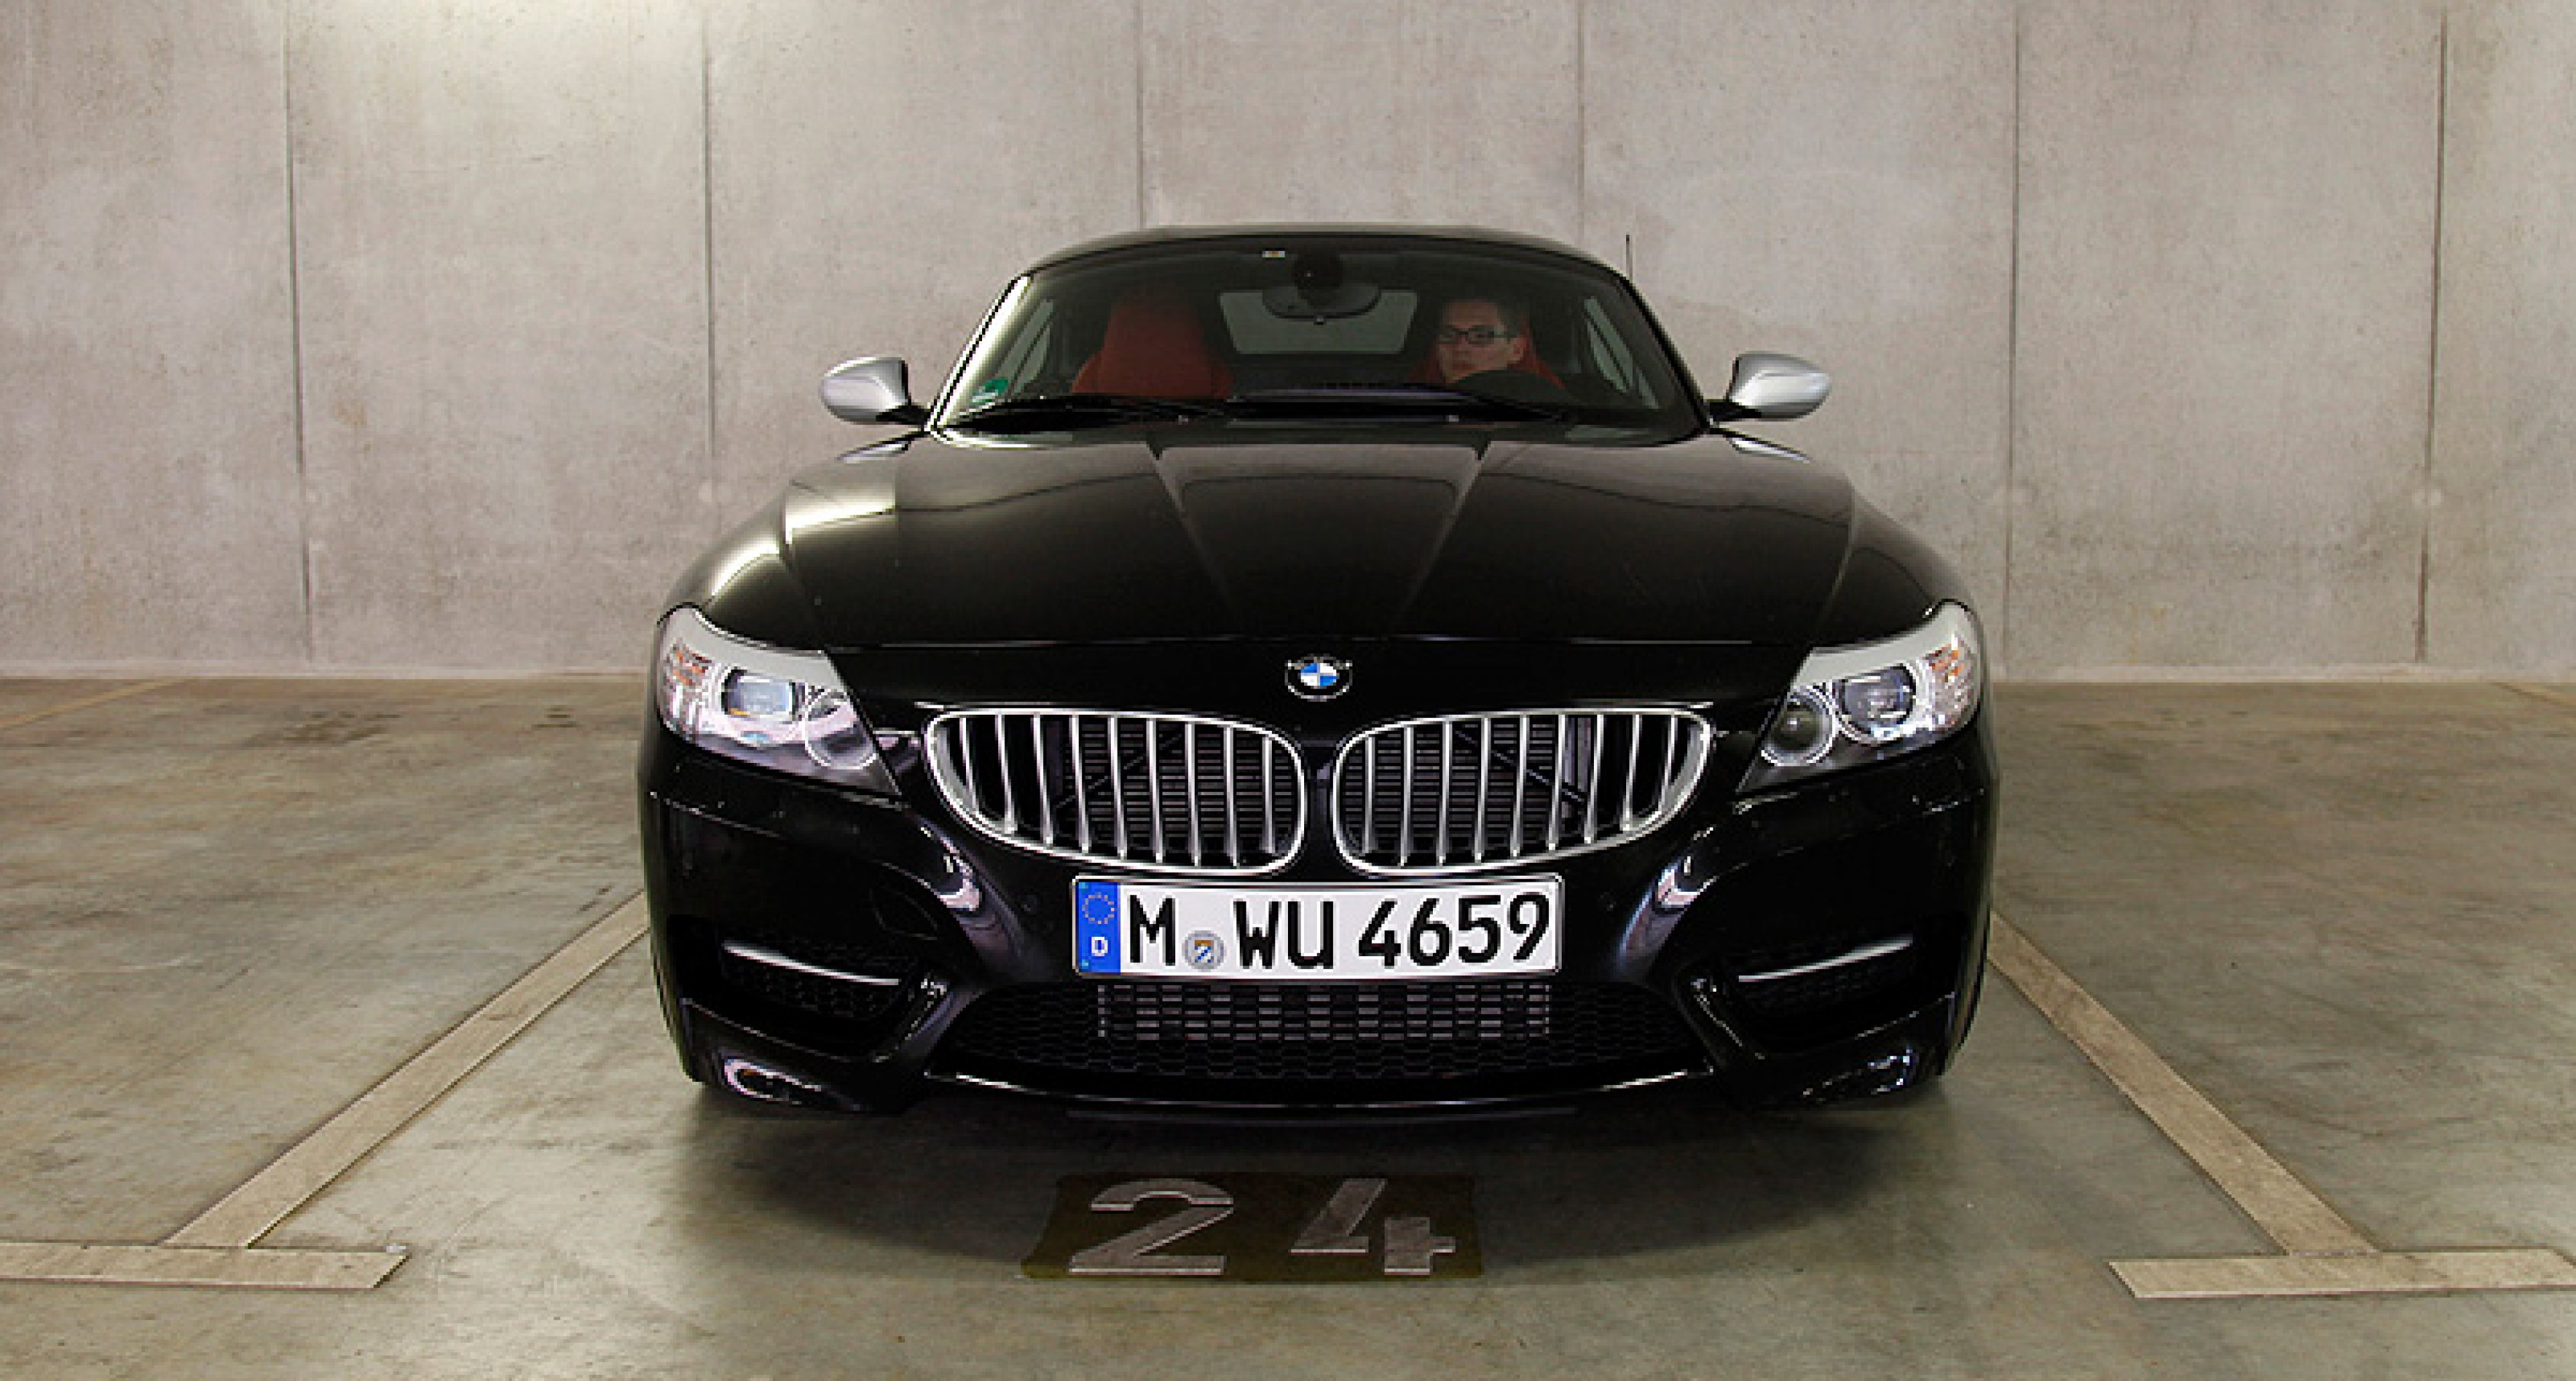 BMW Z4 sDrive35is: S statt M